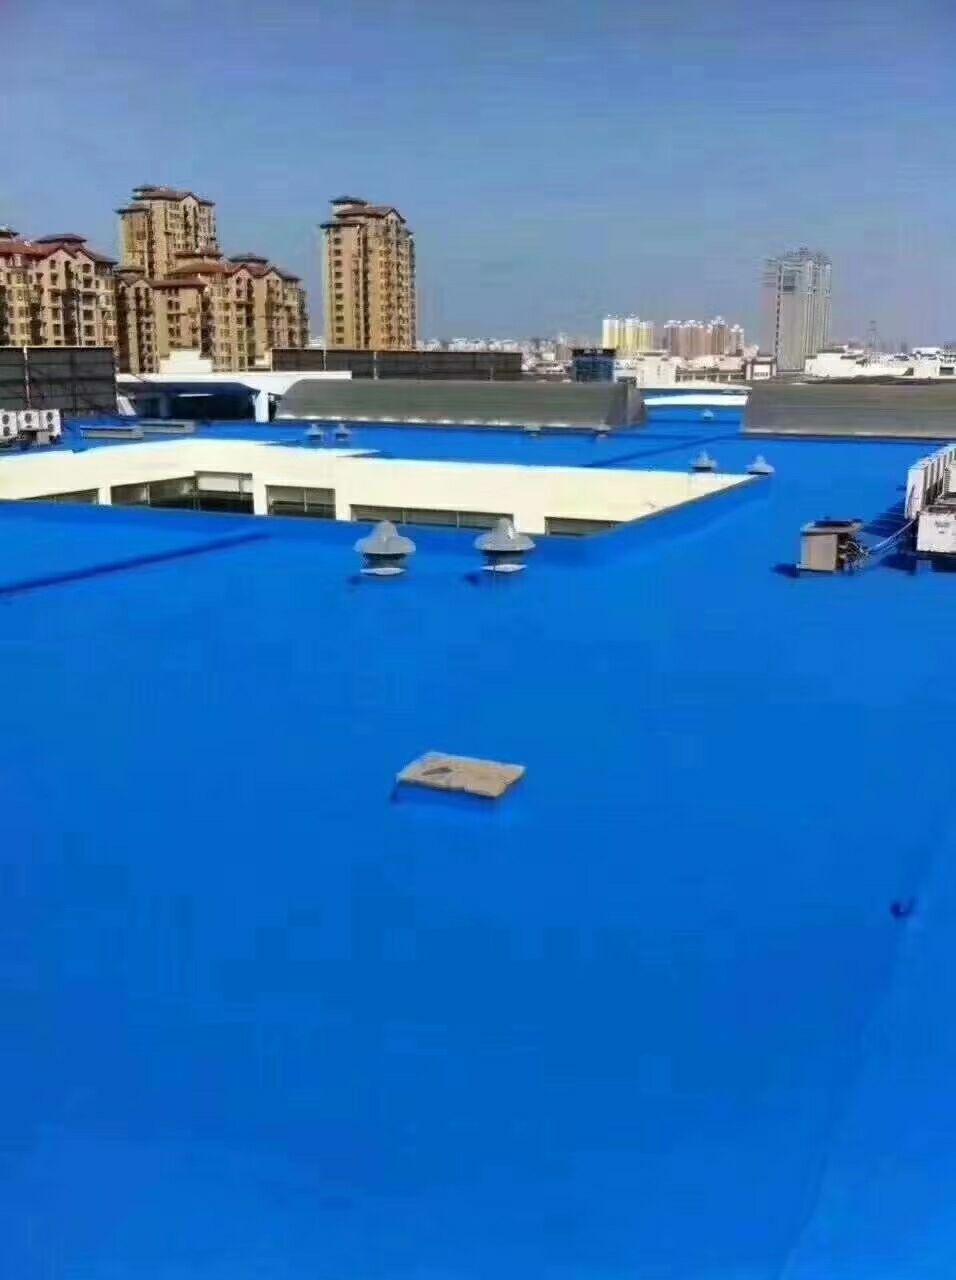 臨海透明玻璃隔熱 屋頂綠化 陜西儒億屋頂花園屋面維修報價